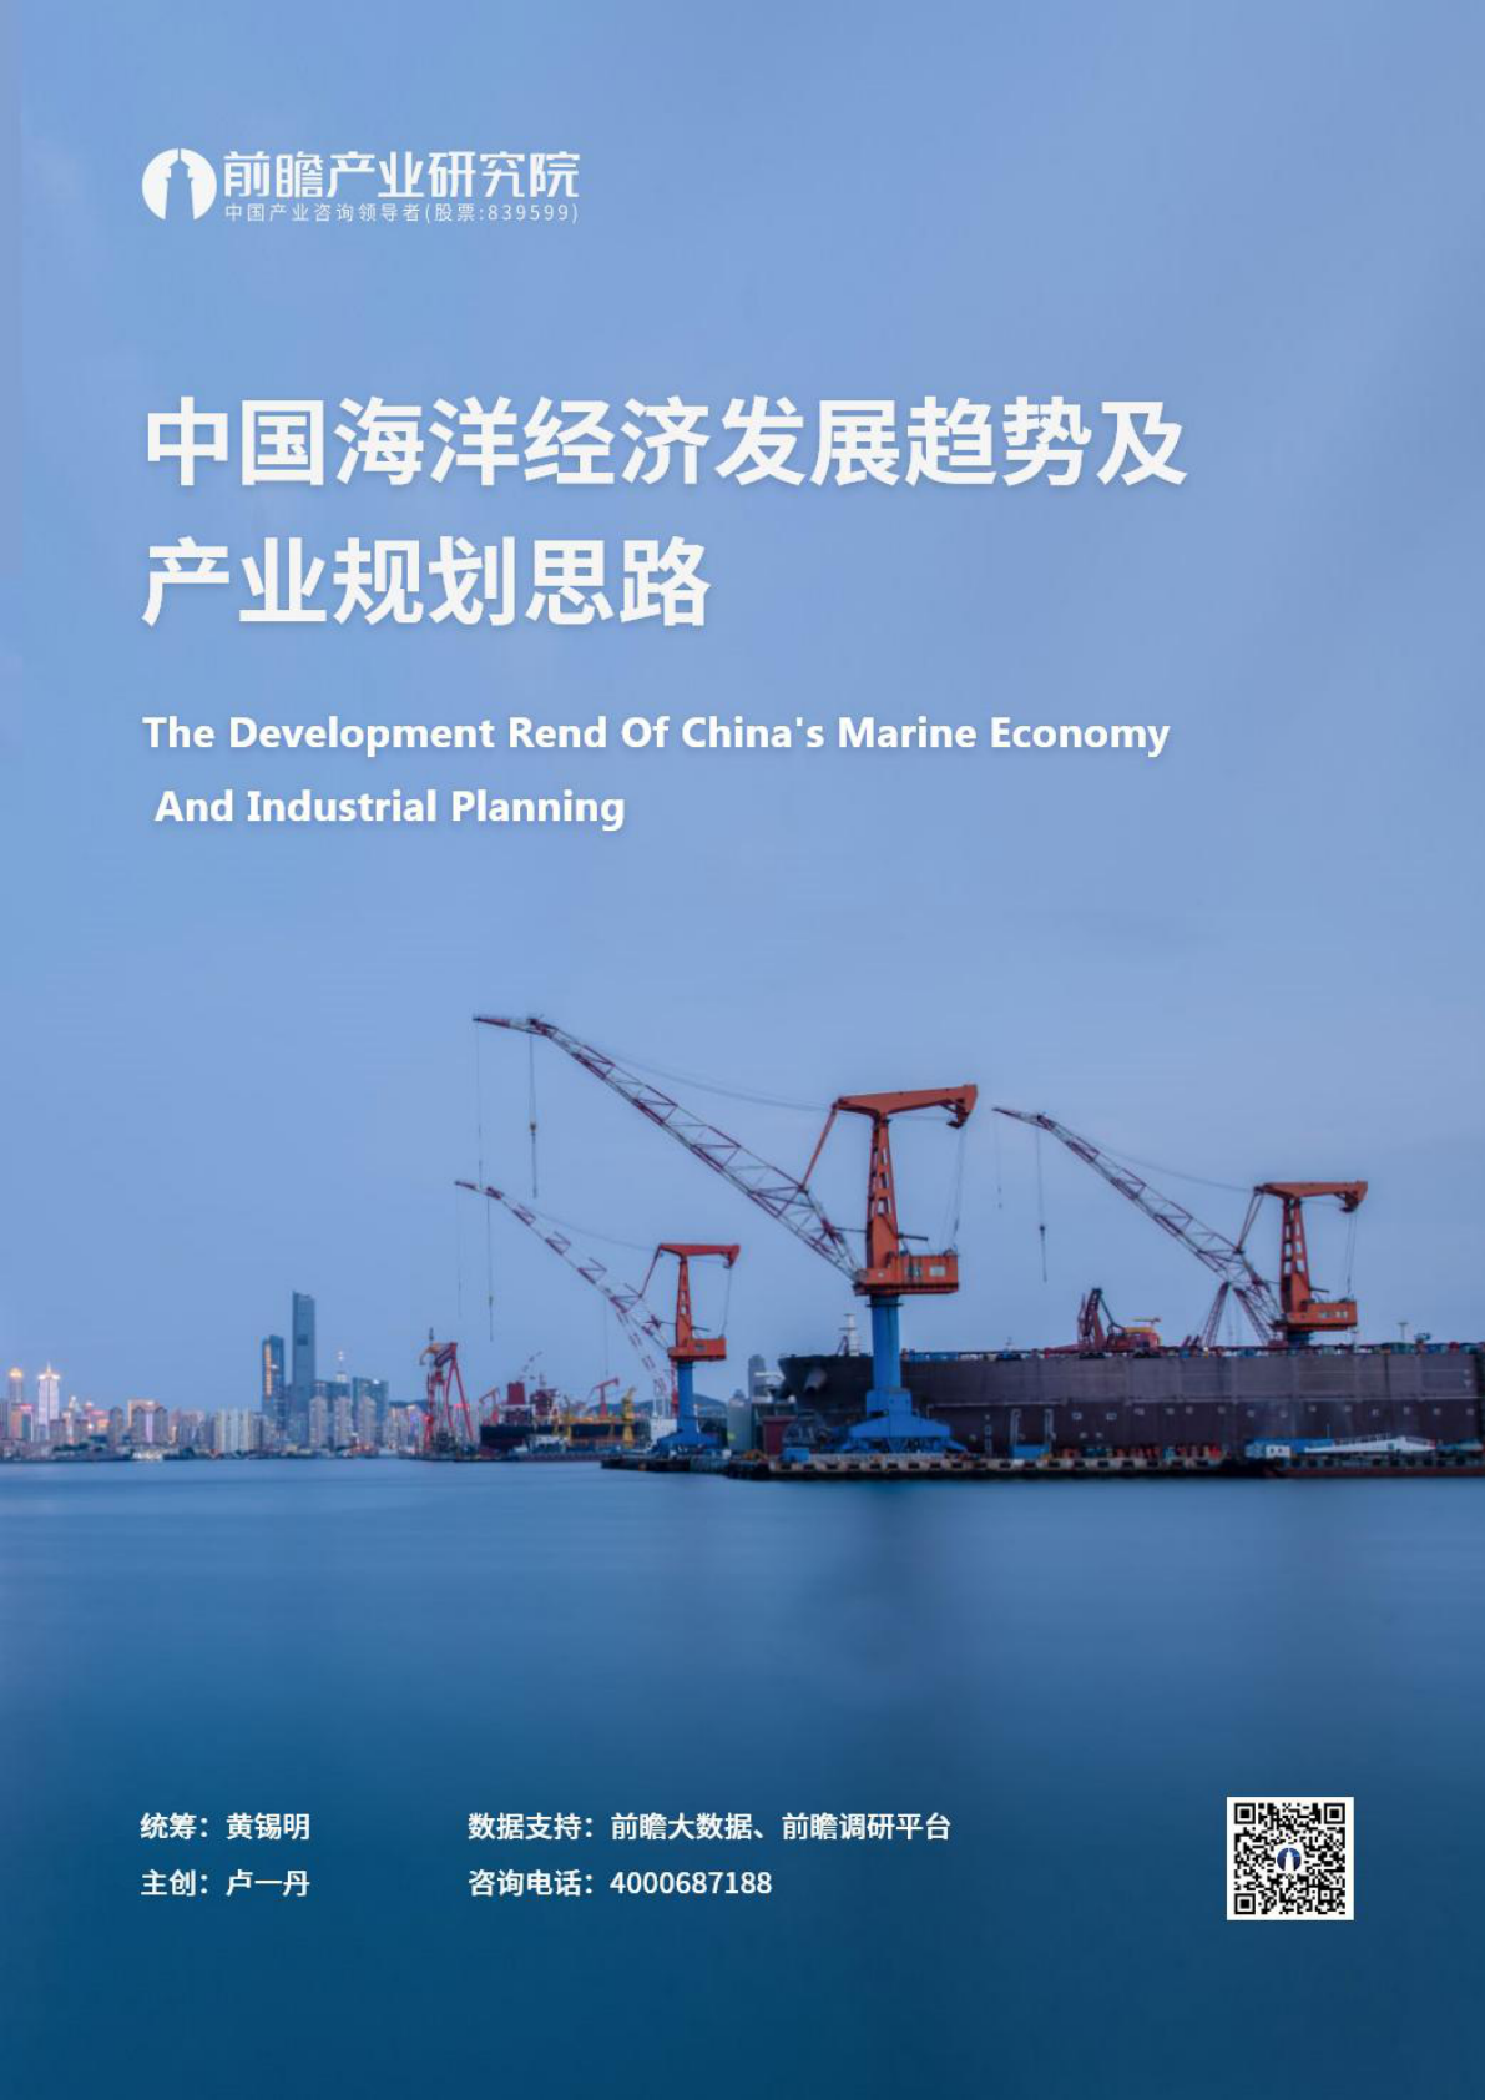 中国海洋经济发展趋势及产业规划思路